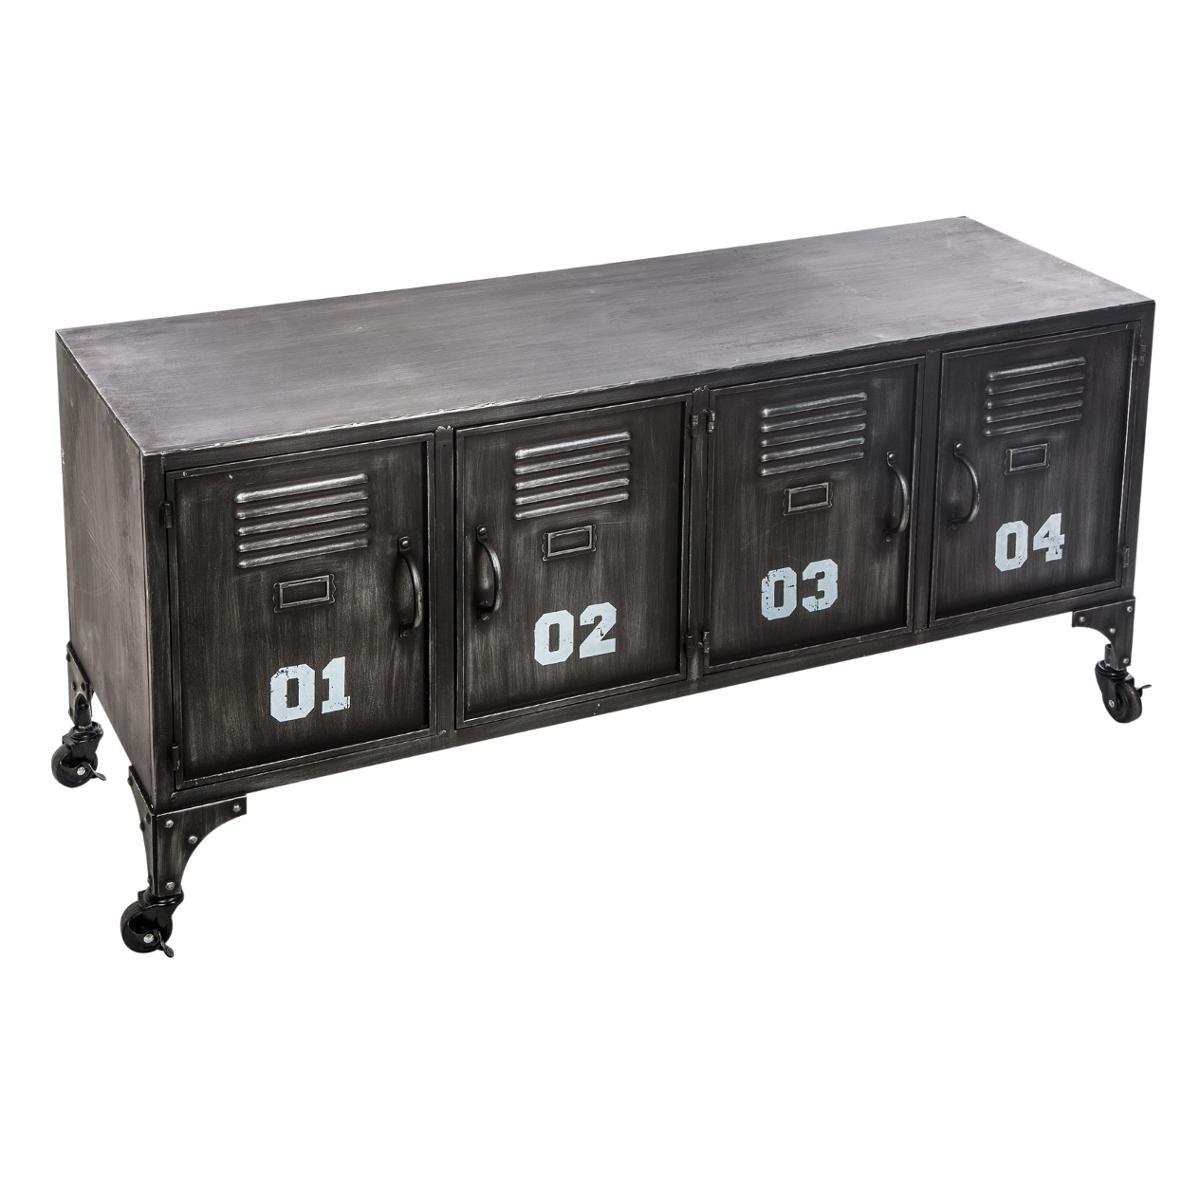 Meuble Rangement Bas Metal Noir 4 Portes Ref 30022127 Petits Meubles De Rangement Pier Import